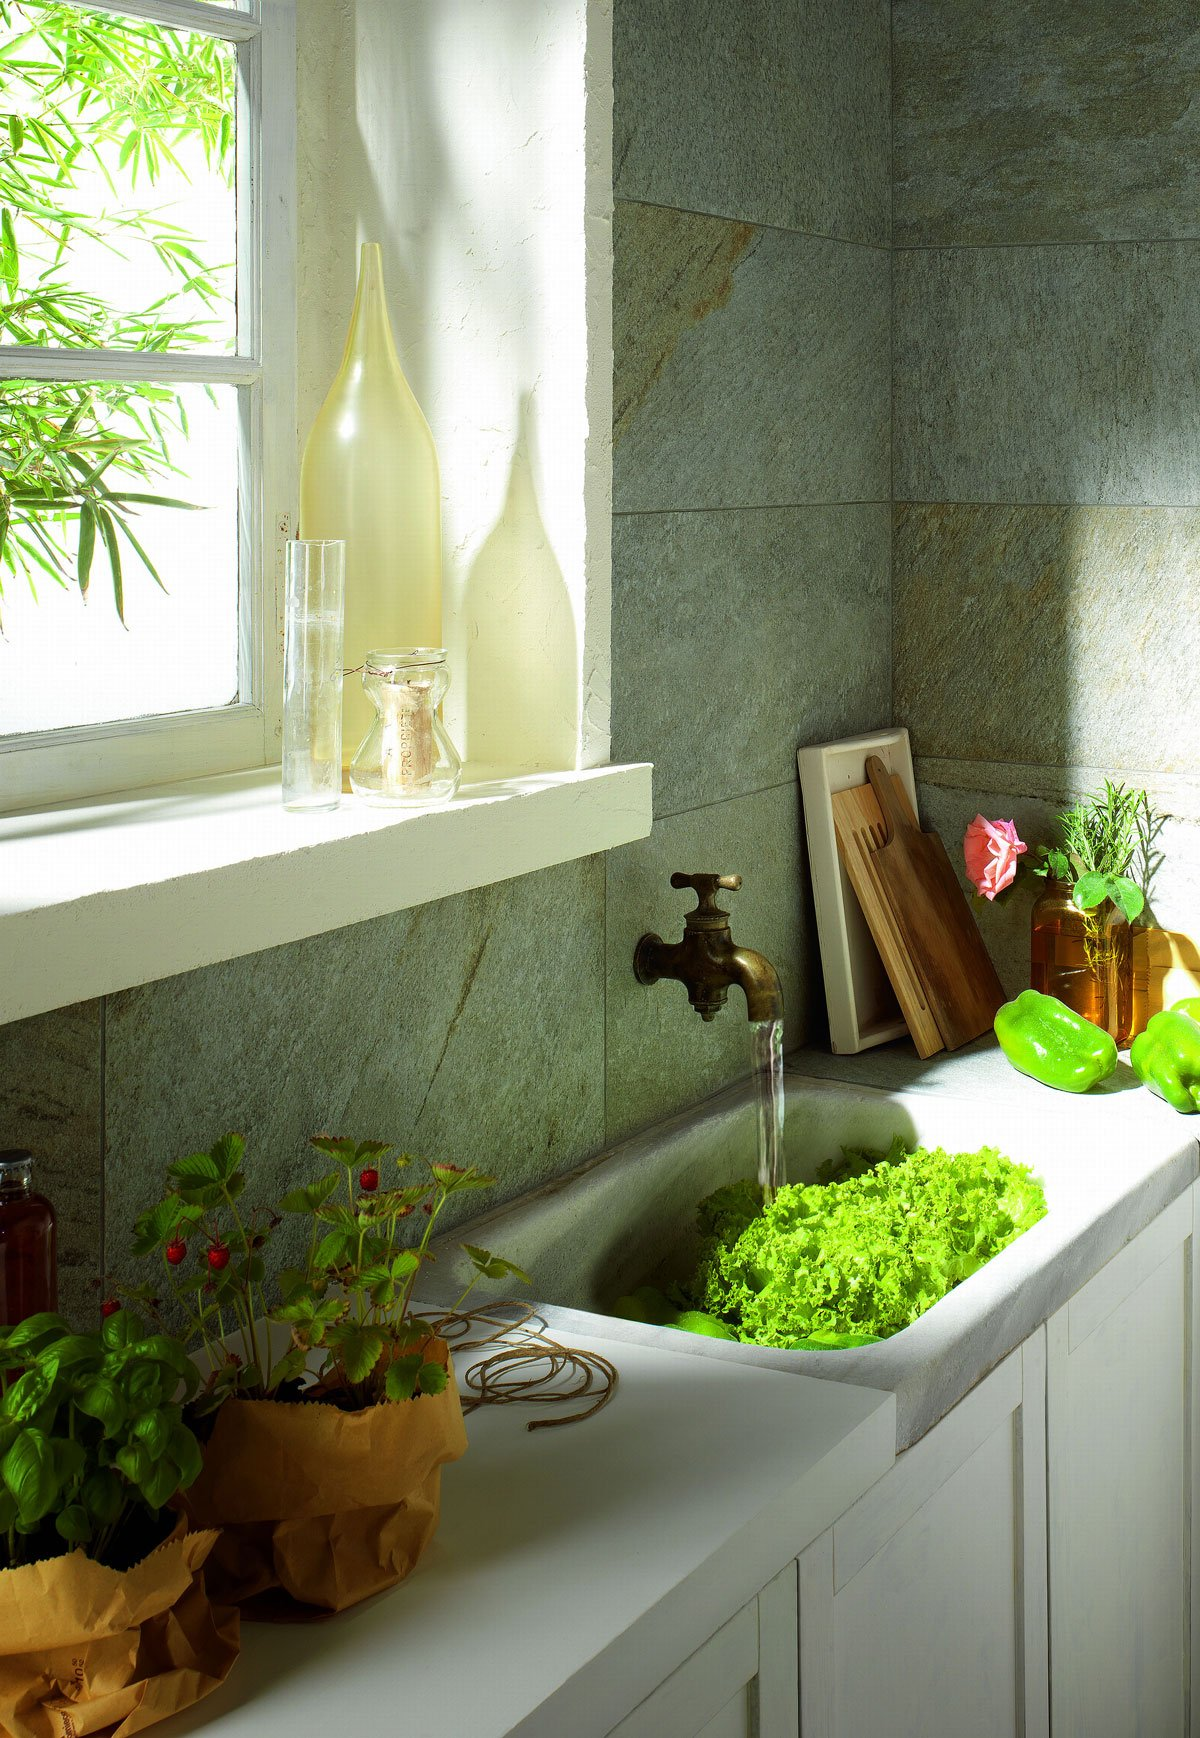 Scegliere le piastrelle per le pareti della cucina - Cose ...